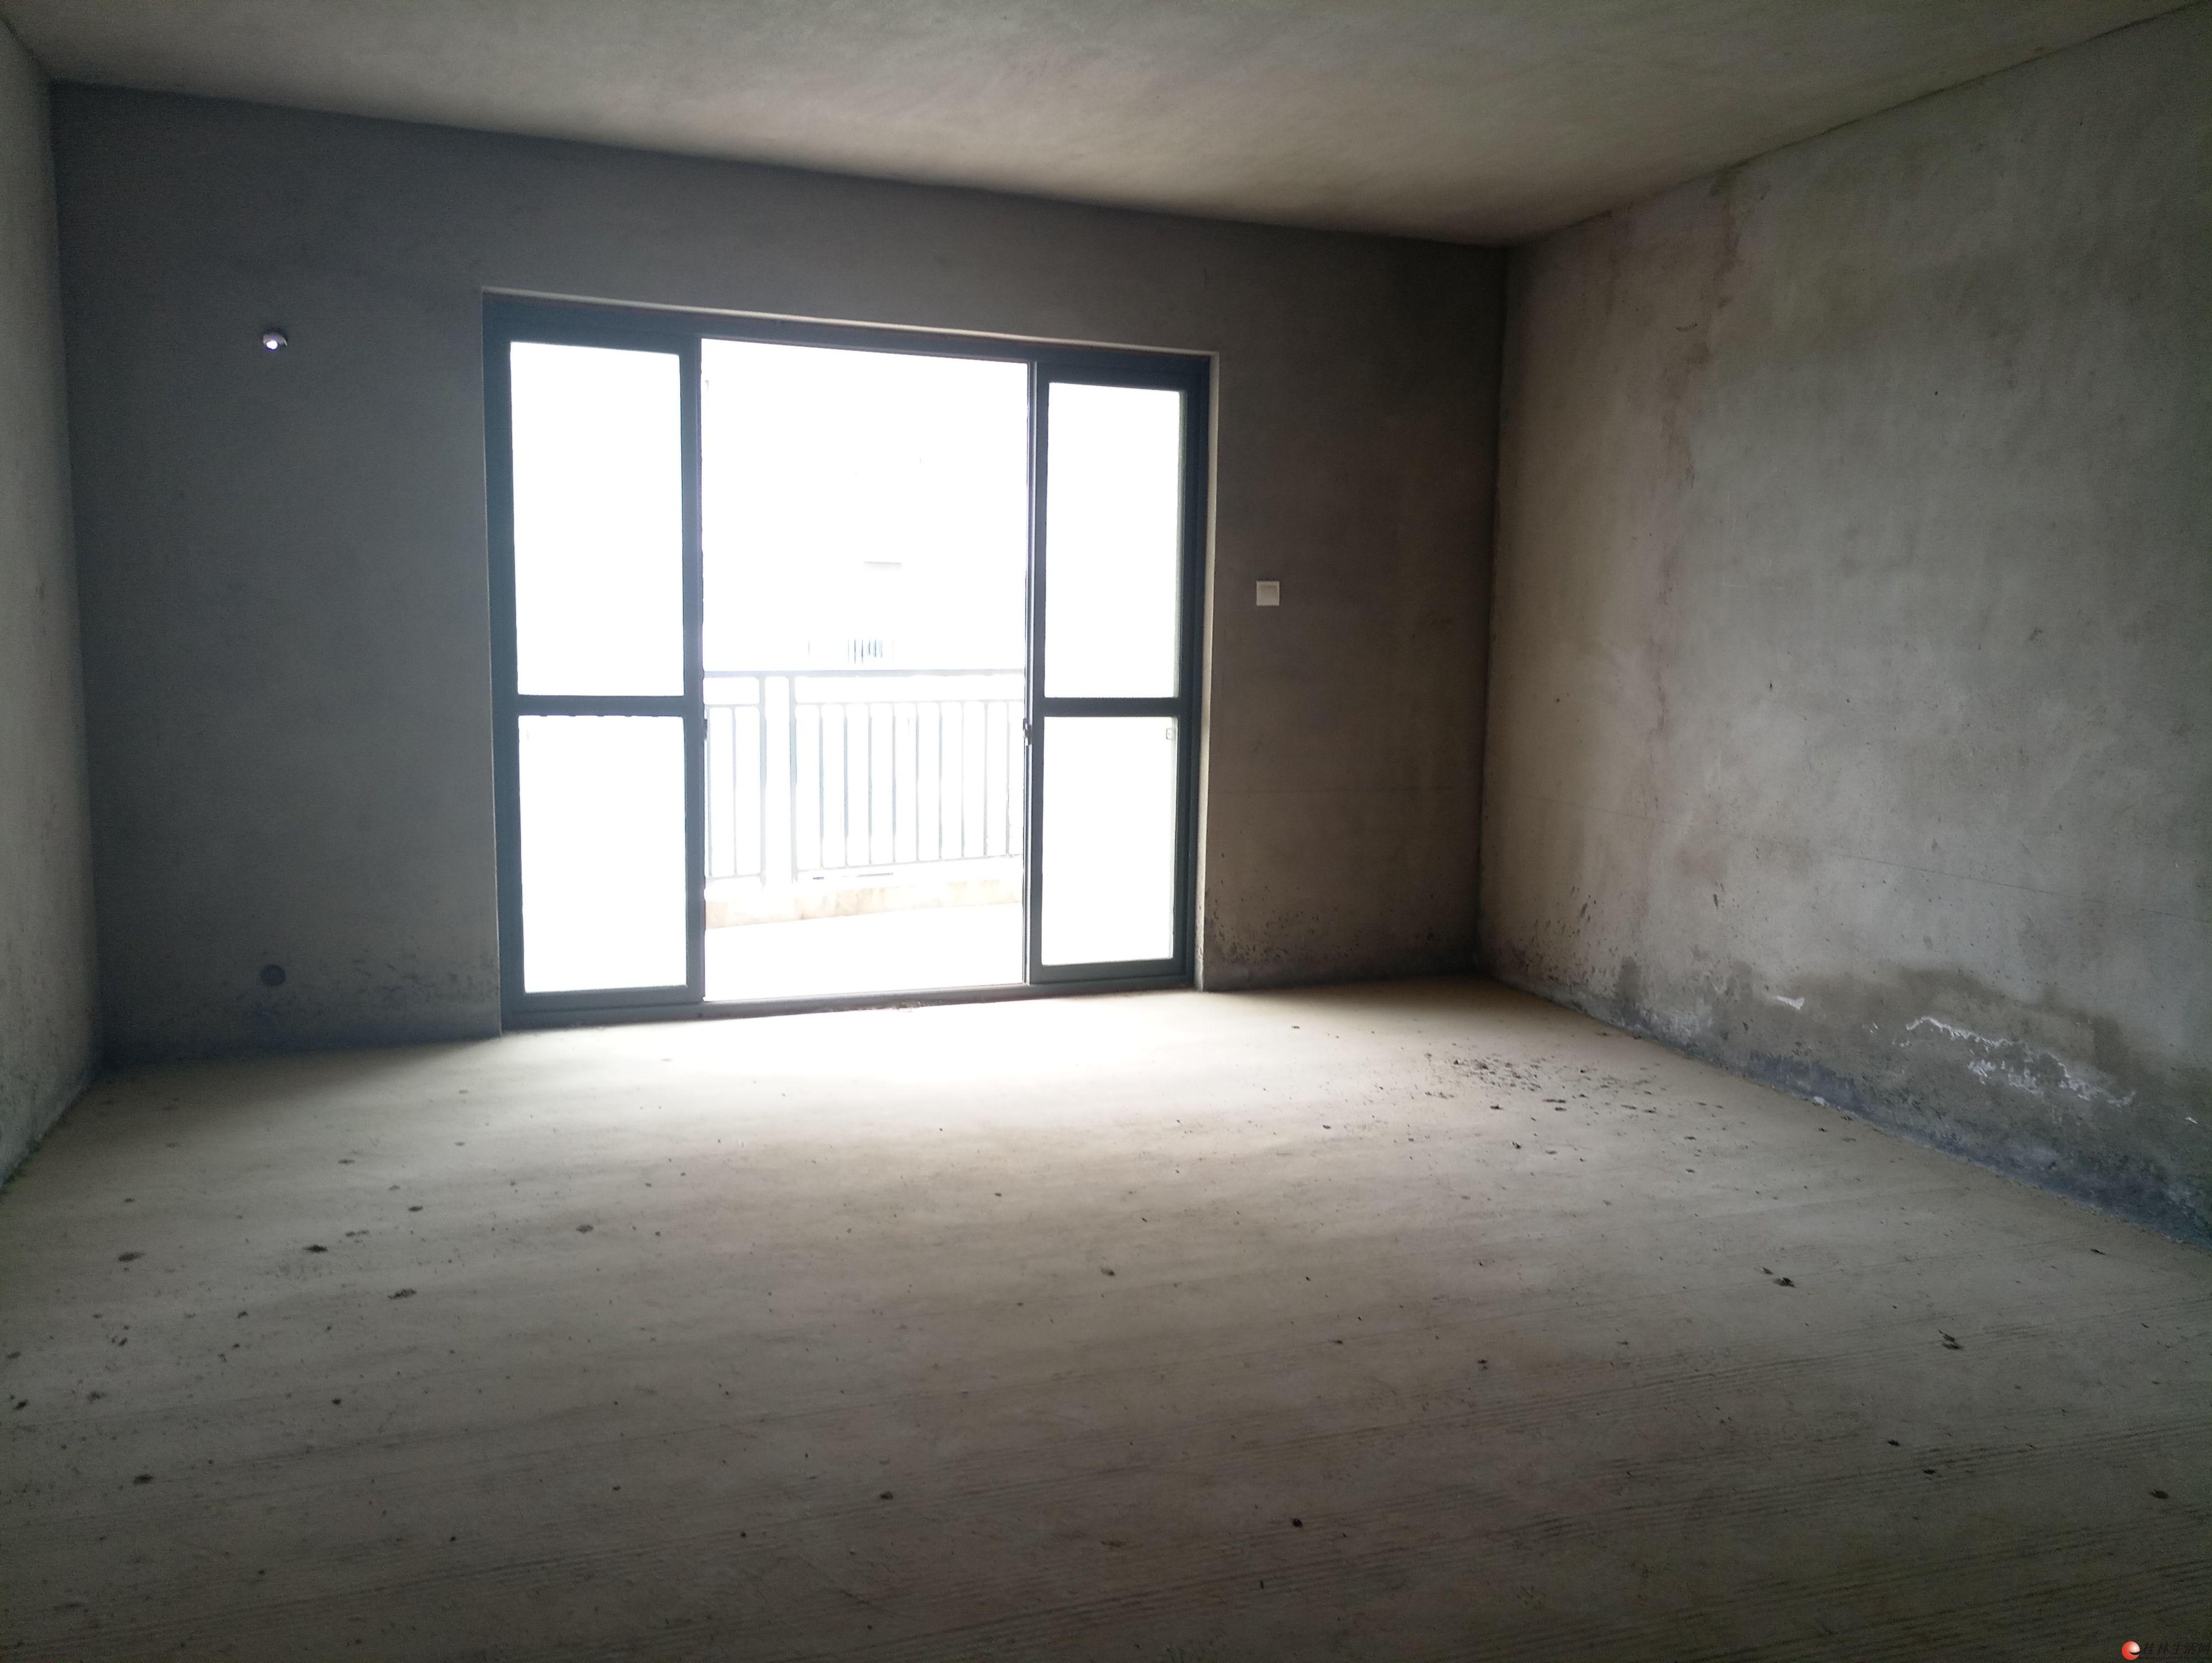 七星新城 清水3房2厅2卫 152平米 电梯高层 106万